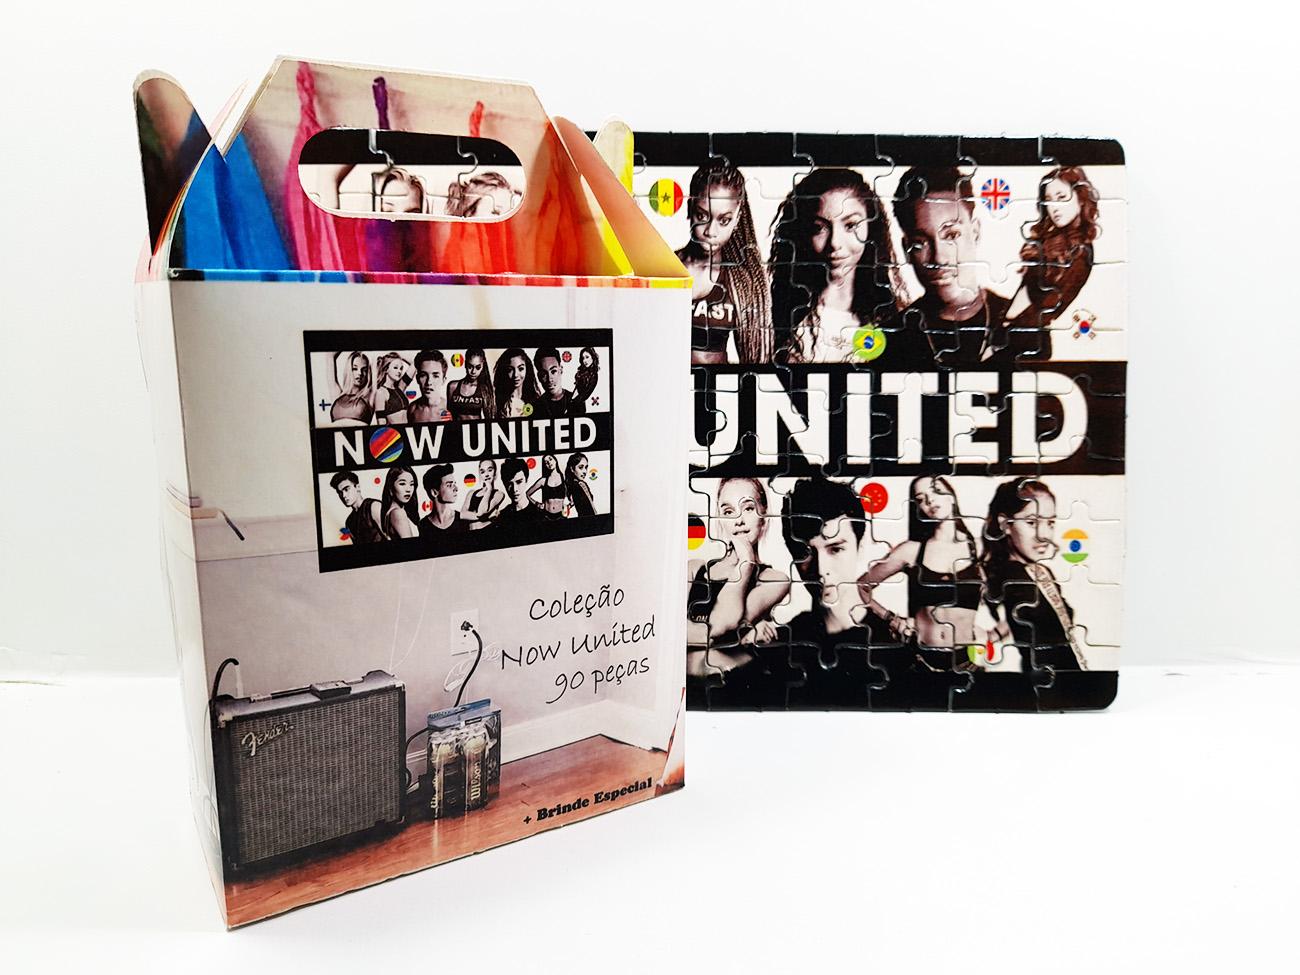 2 Quebra-cabeça para Fãs Grupo Now united color - 90 peças